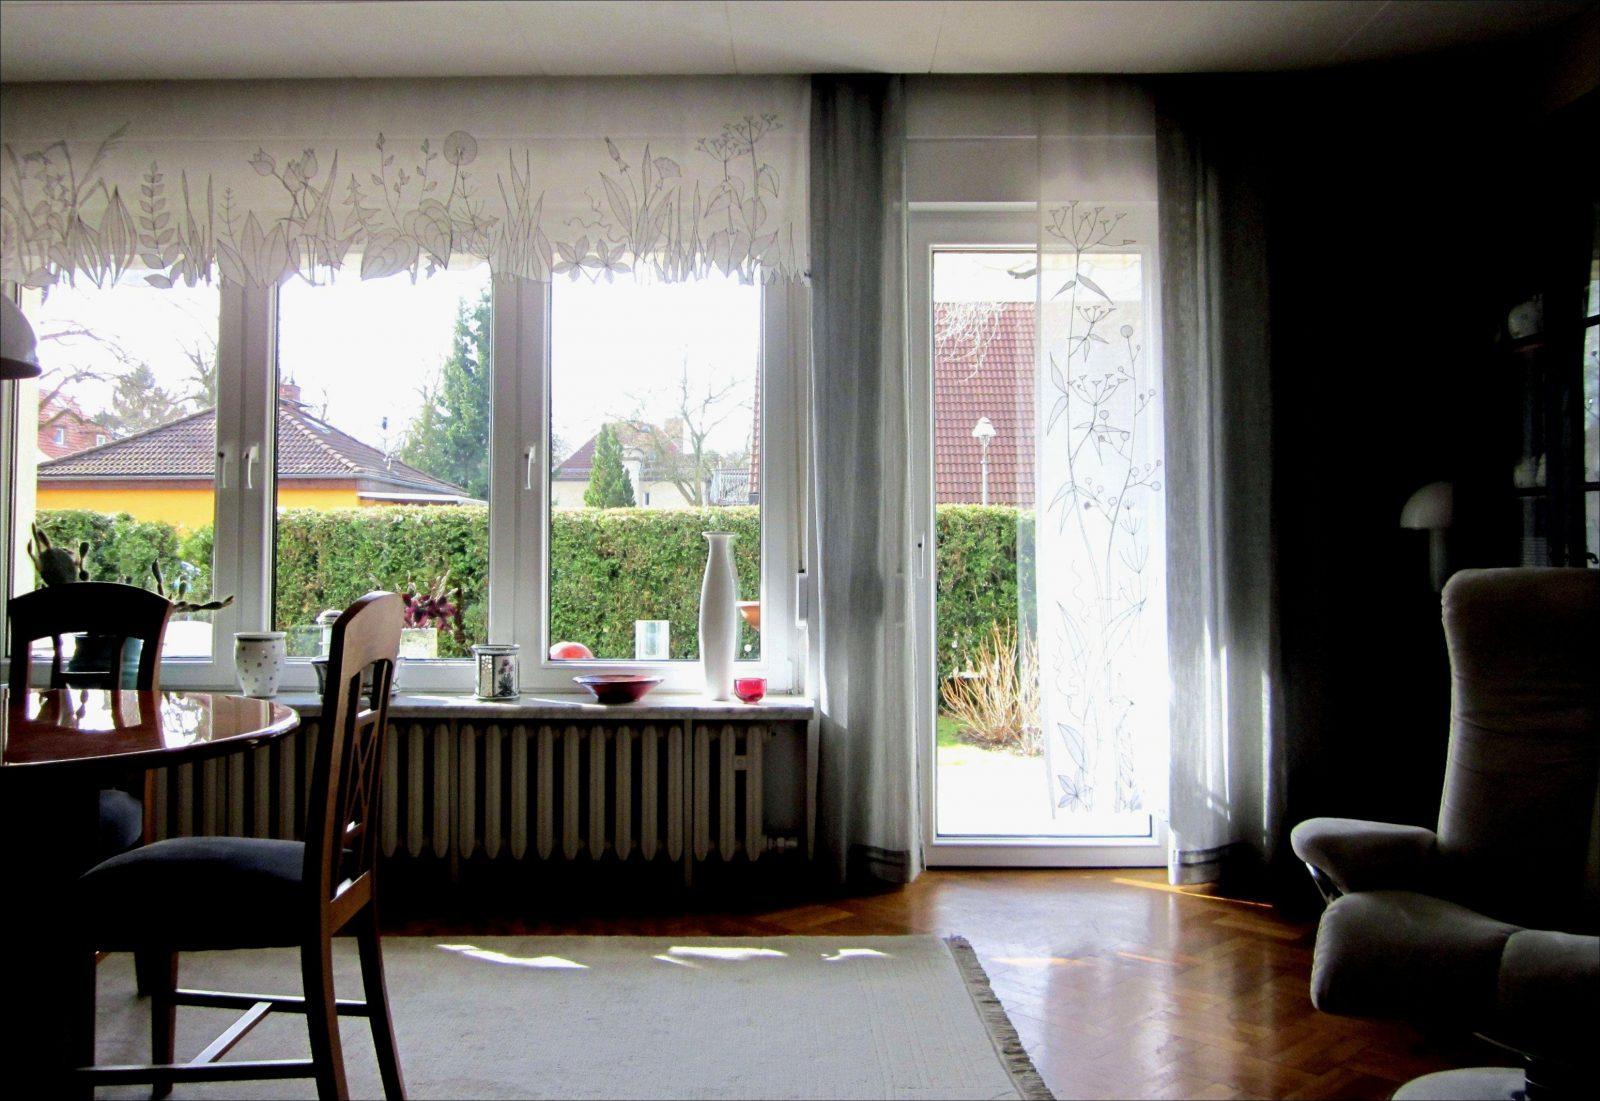 Gardinen Wohnzimmer Terrasse Für Planen Wohnzimmer Gardinen Mit von Gardinen Für Wohnzimmer Mit Balkontür Bild